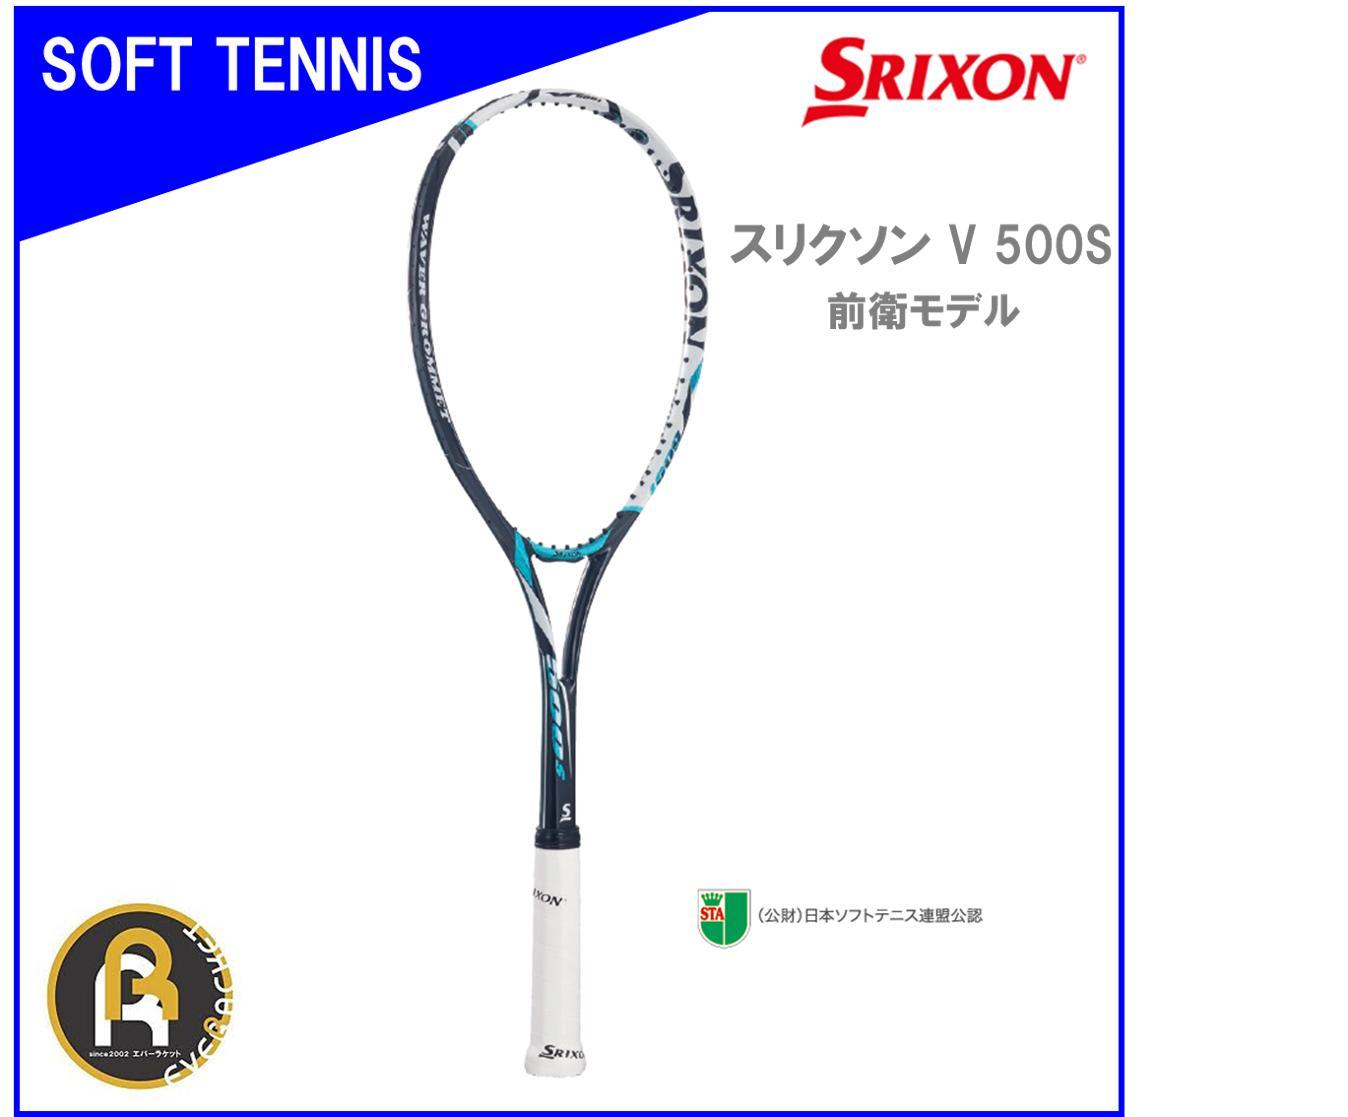 【オープニングセール】 【お買得商品】スリクソン SRIXON ソフトテニス ラケット ソフトテニスラケット SRIXONV500S 張り代 ガット代 張り代 無料 ラケット スリクソンV500S SRIXONV500S 後衛モデル, 鹿部町:12538945 --- edu.ms.ac.th